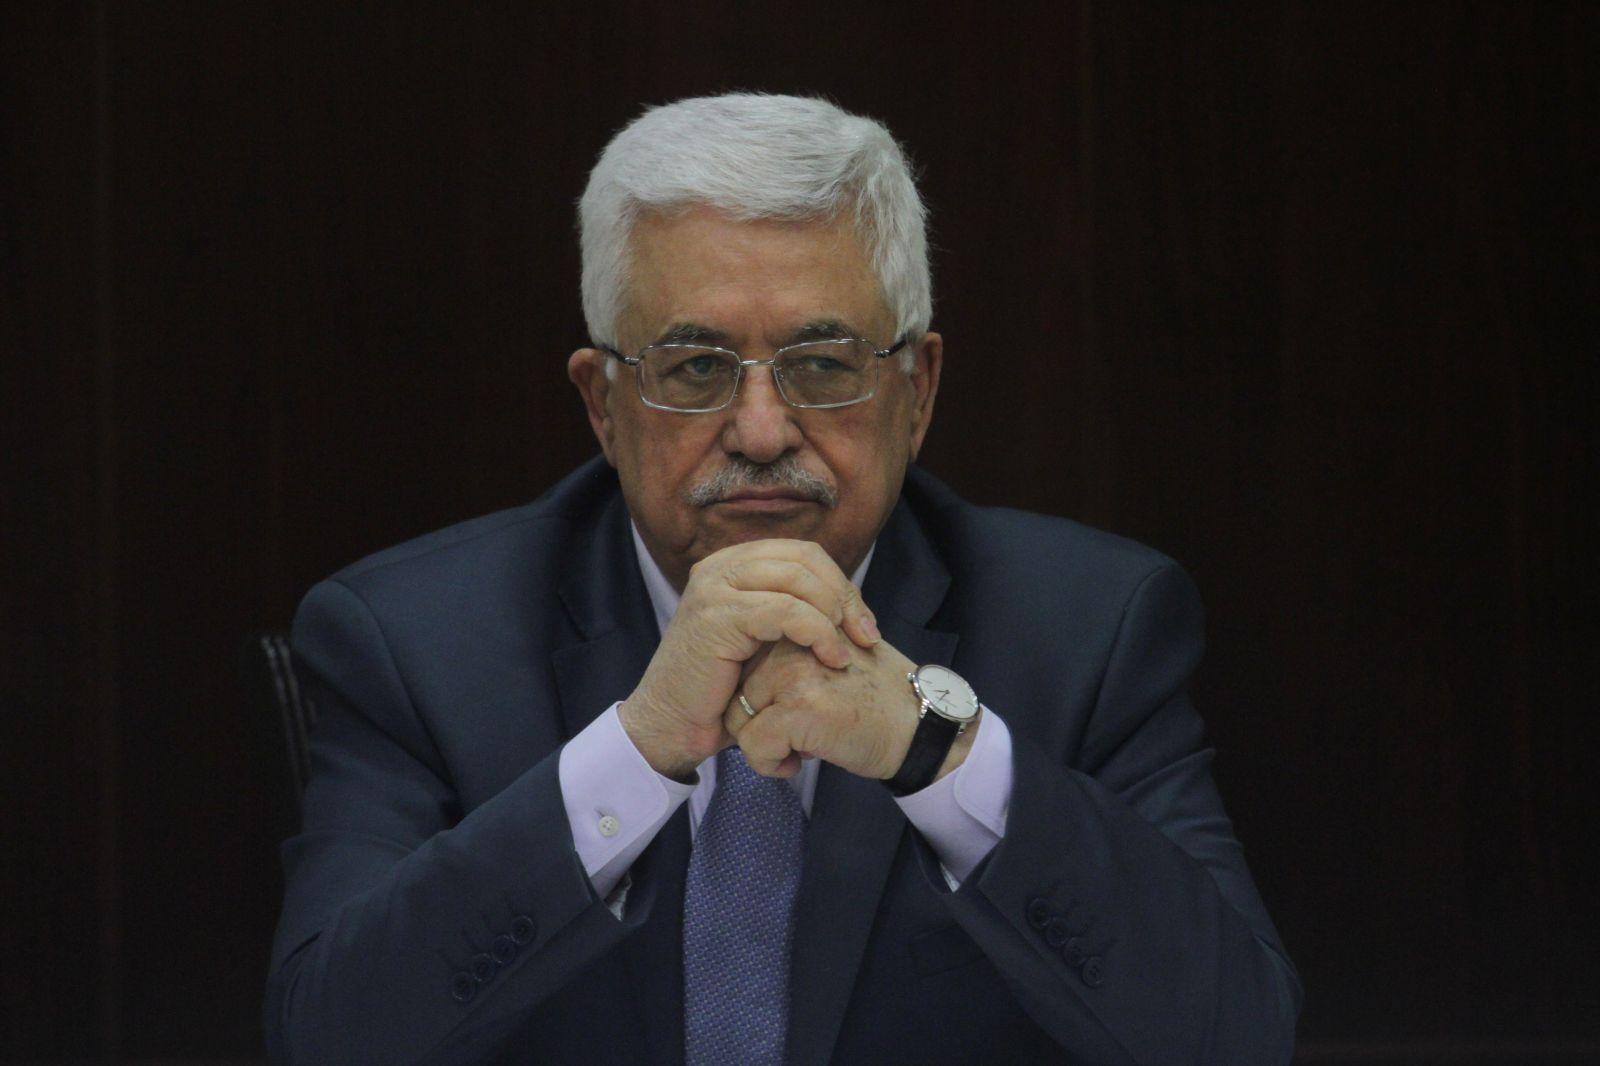 منظمة اسرئيلية ترفع دعوى في محكمة لاهاي ضد الرئيس عباس